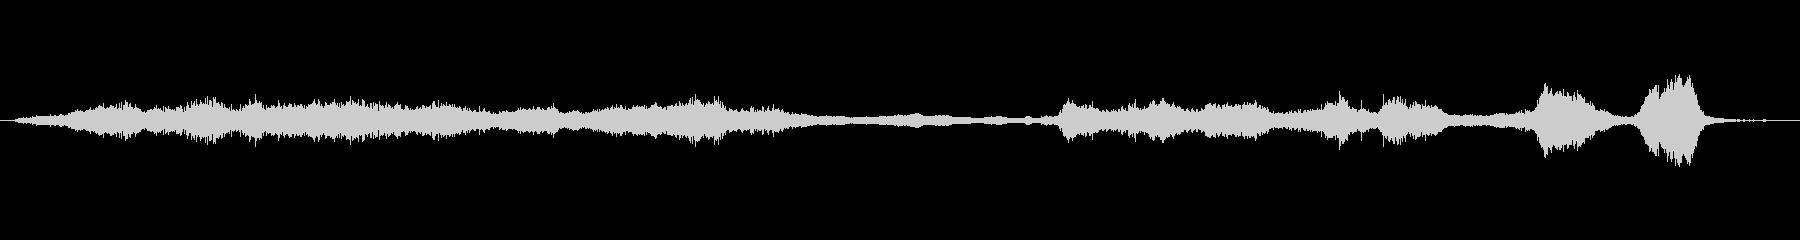 メタル 鳴き声シーケンス01の未再生の波形